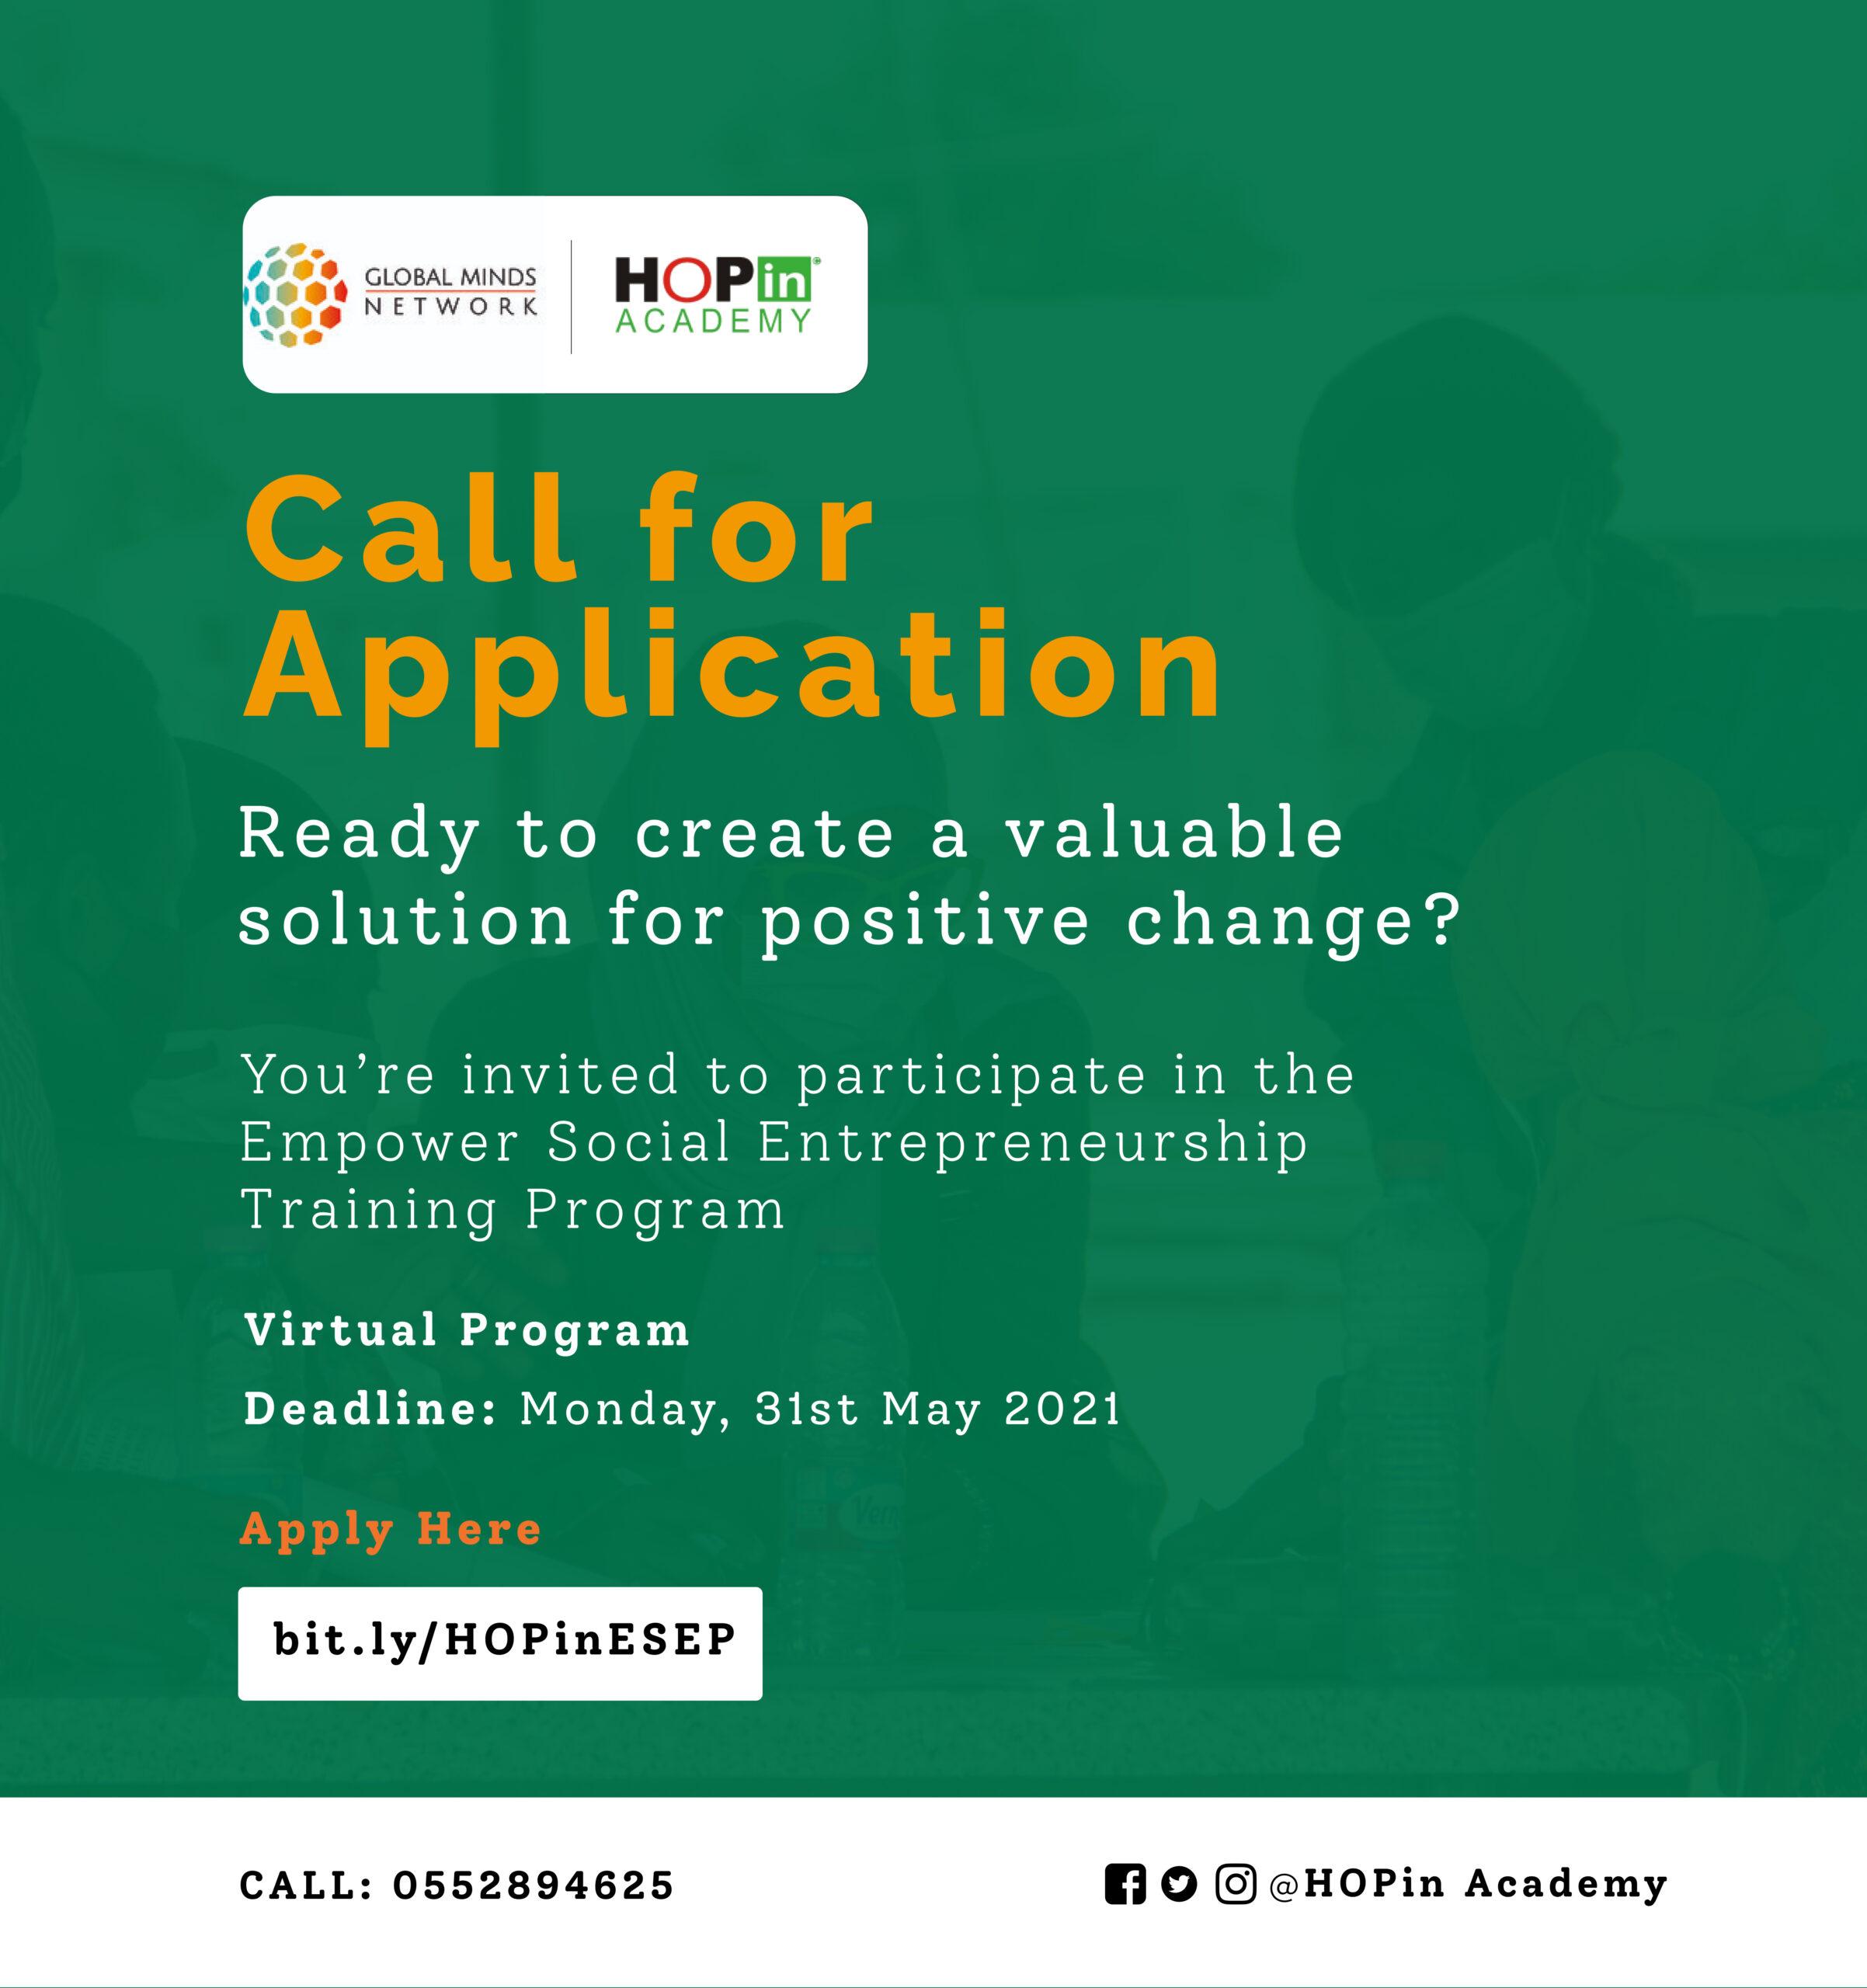 Applications Open for the Empower Social Entrepreneurship Program